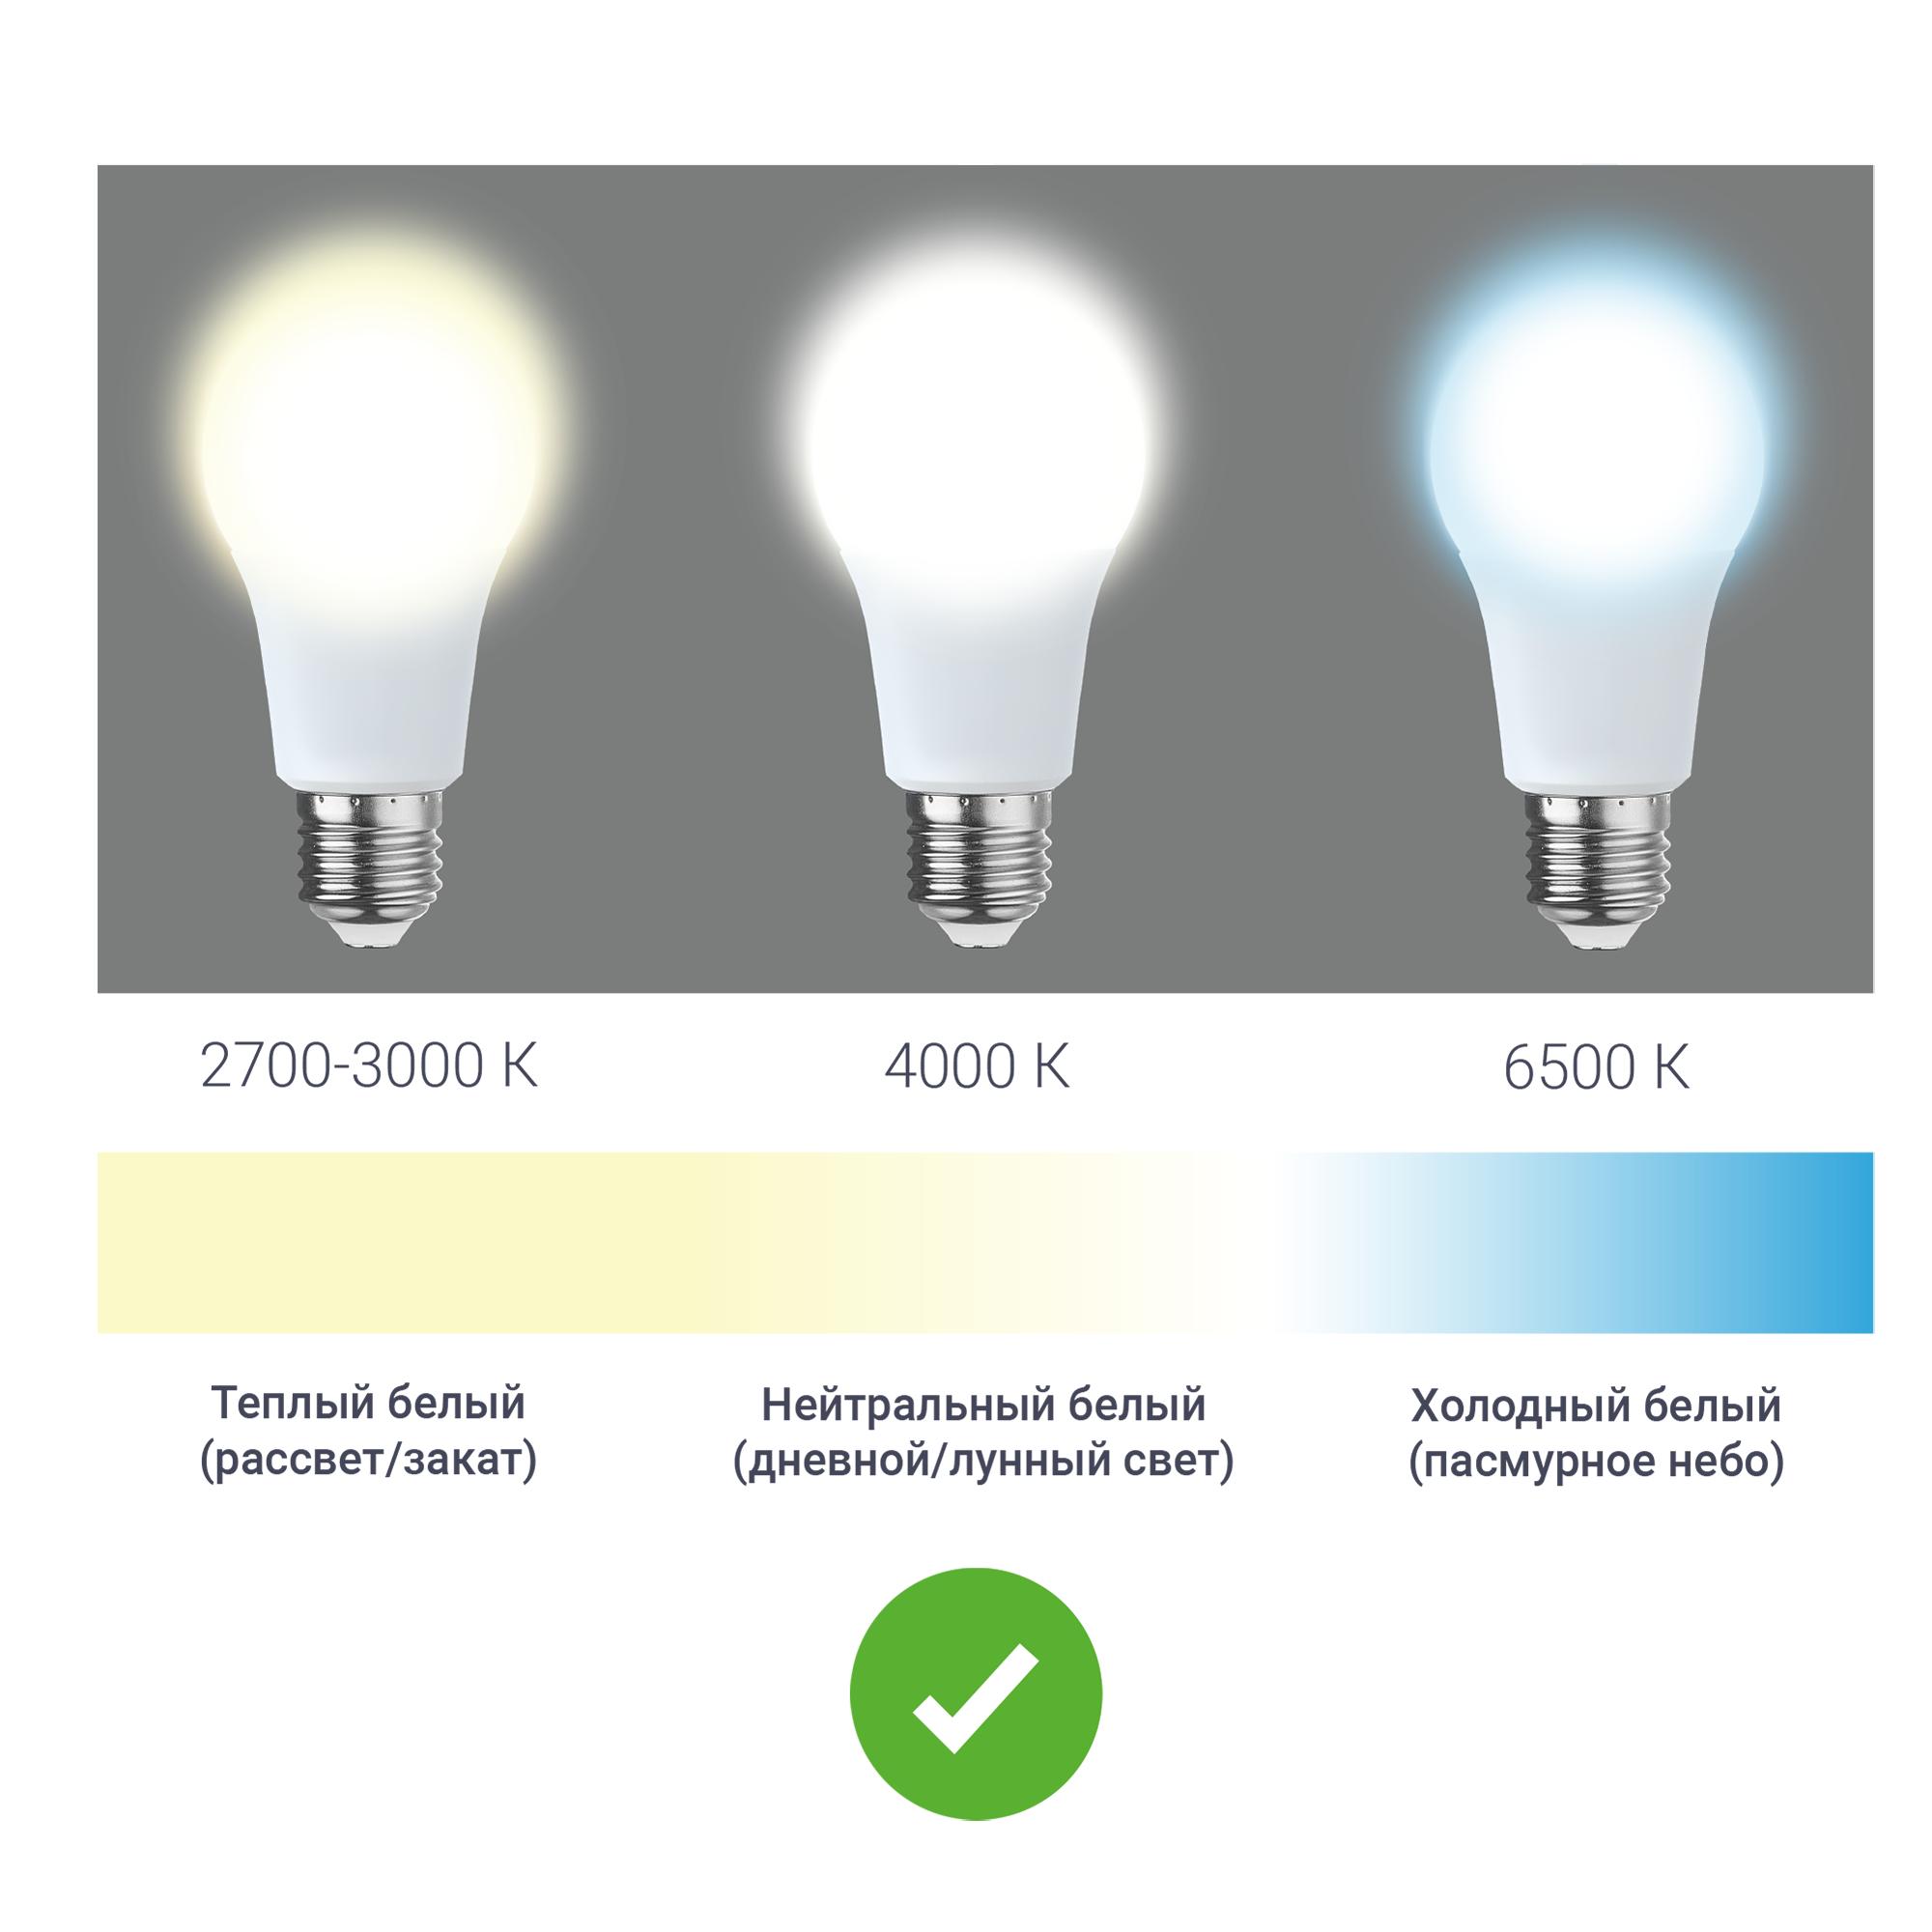 Лампа светодиодная Osram E14 220 В 5 Вт свеча 660 лм холодный белый свет